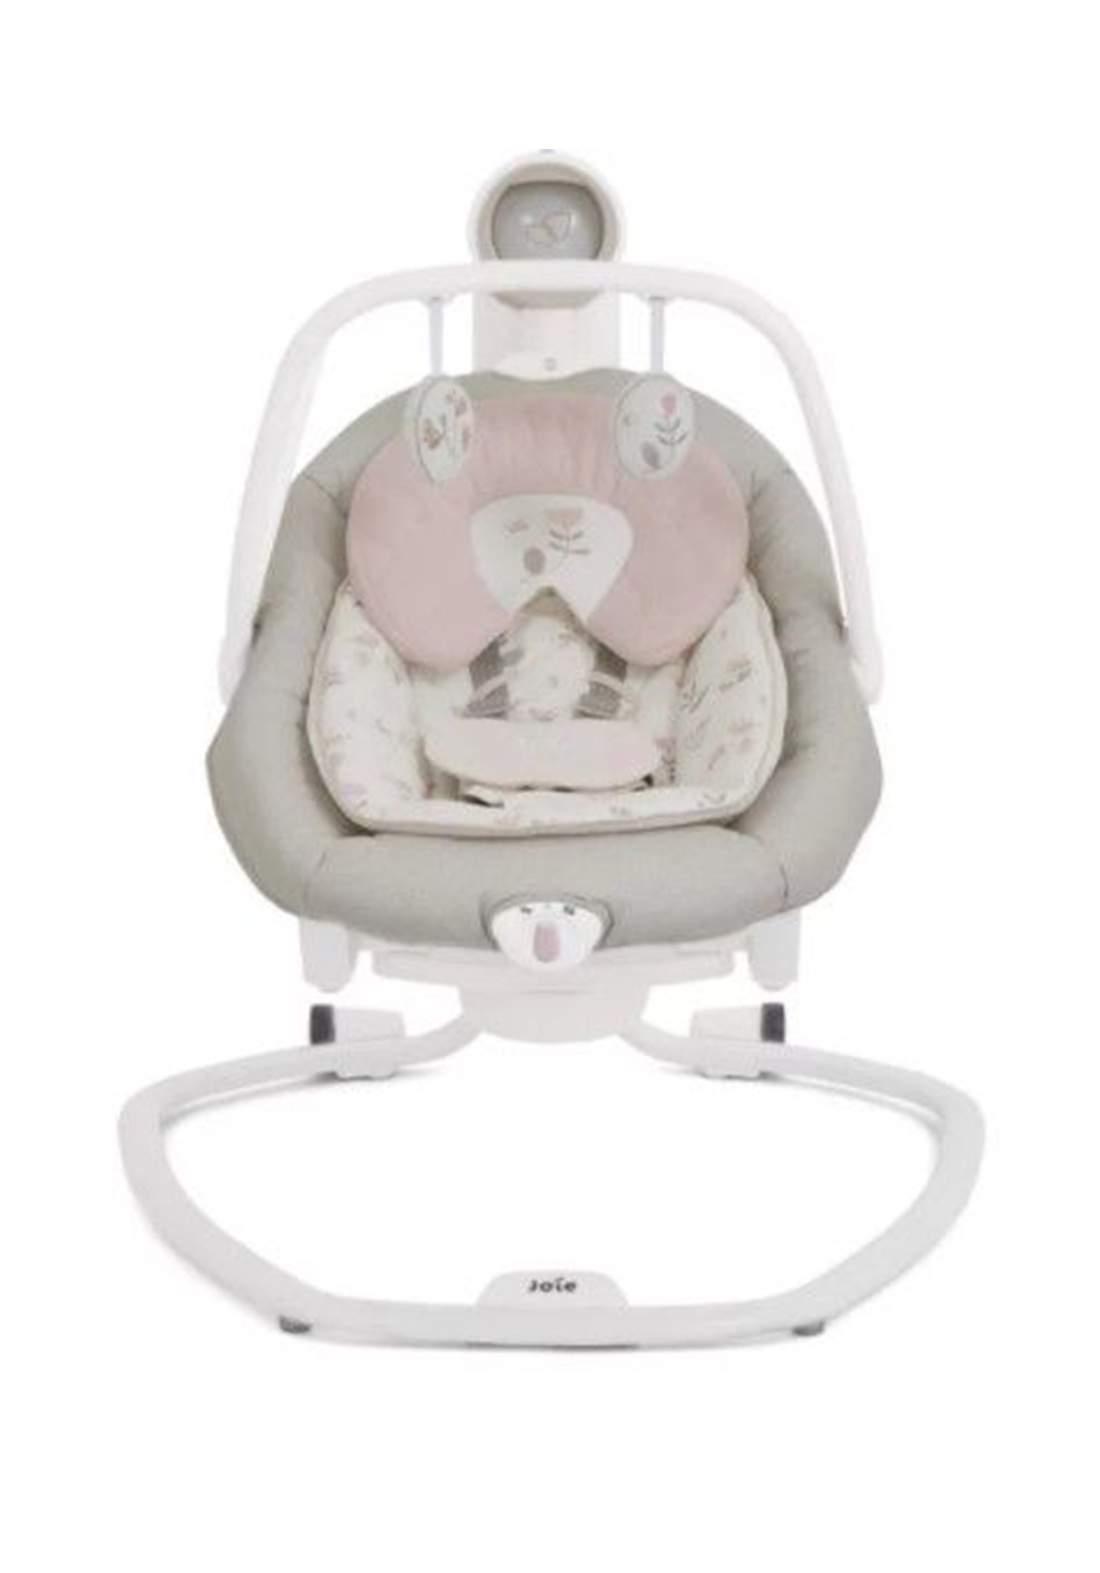 كرسي هزاز للاطفال لحديثي الولادةJoie Baby W1306ADFLF000 Serina 2-in-1 Swing - Forever Flowers